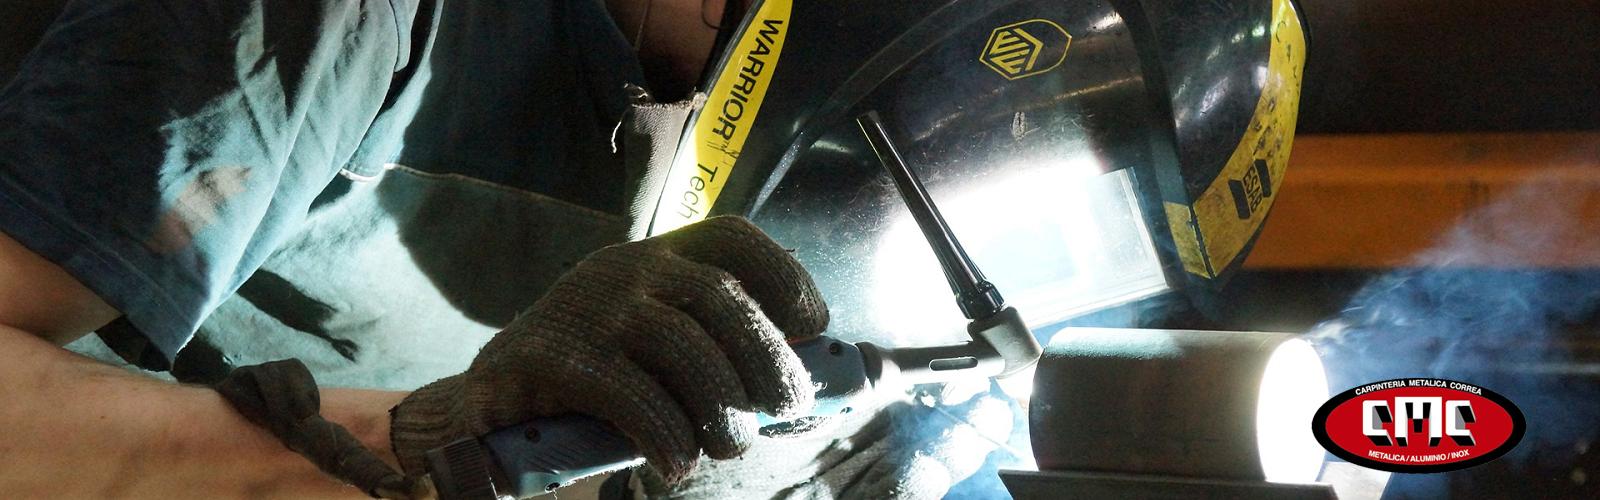 Trabajos en Acero - Carpintería Metálica Correa